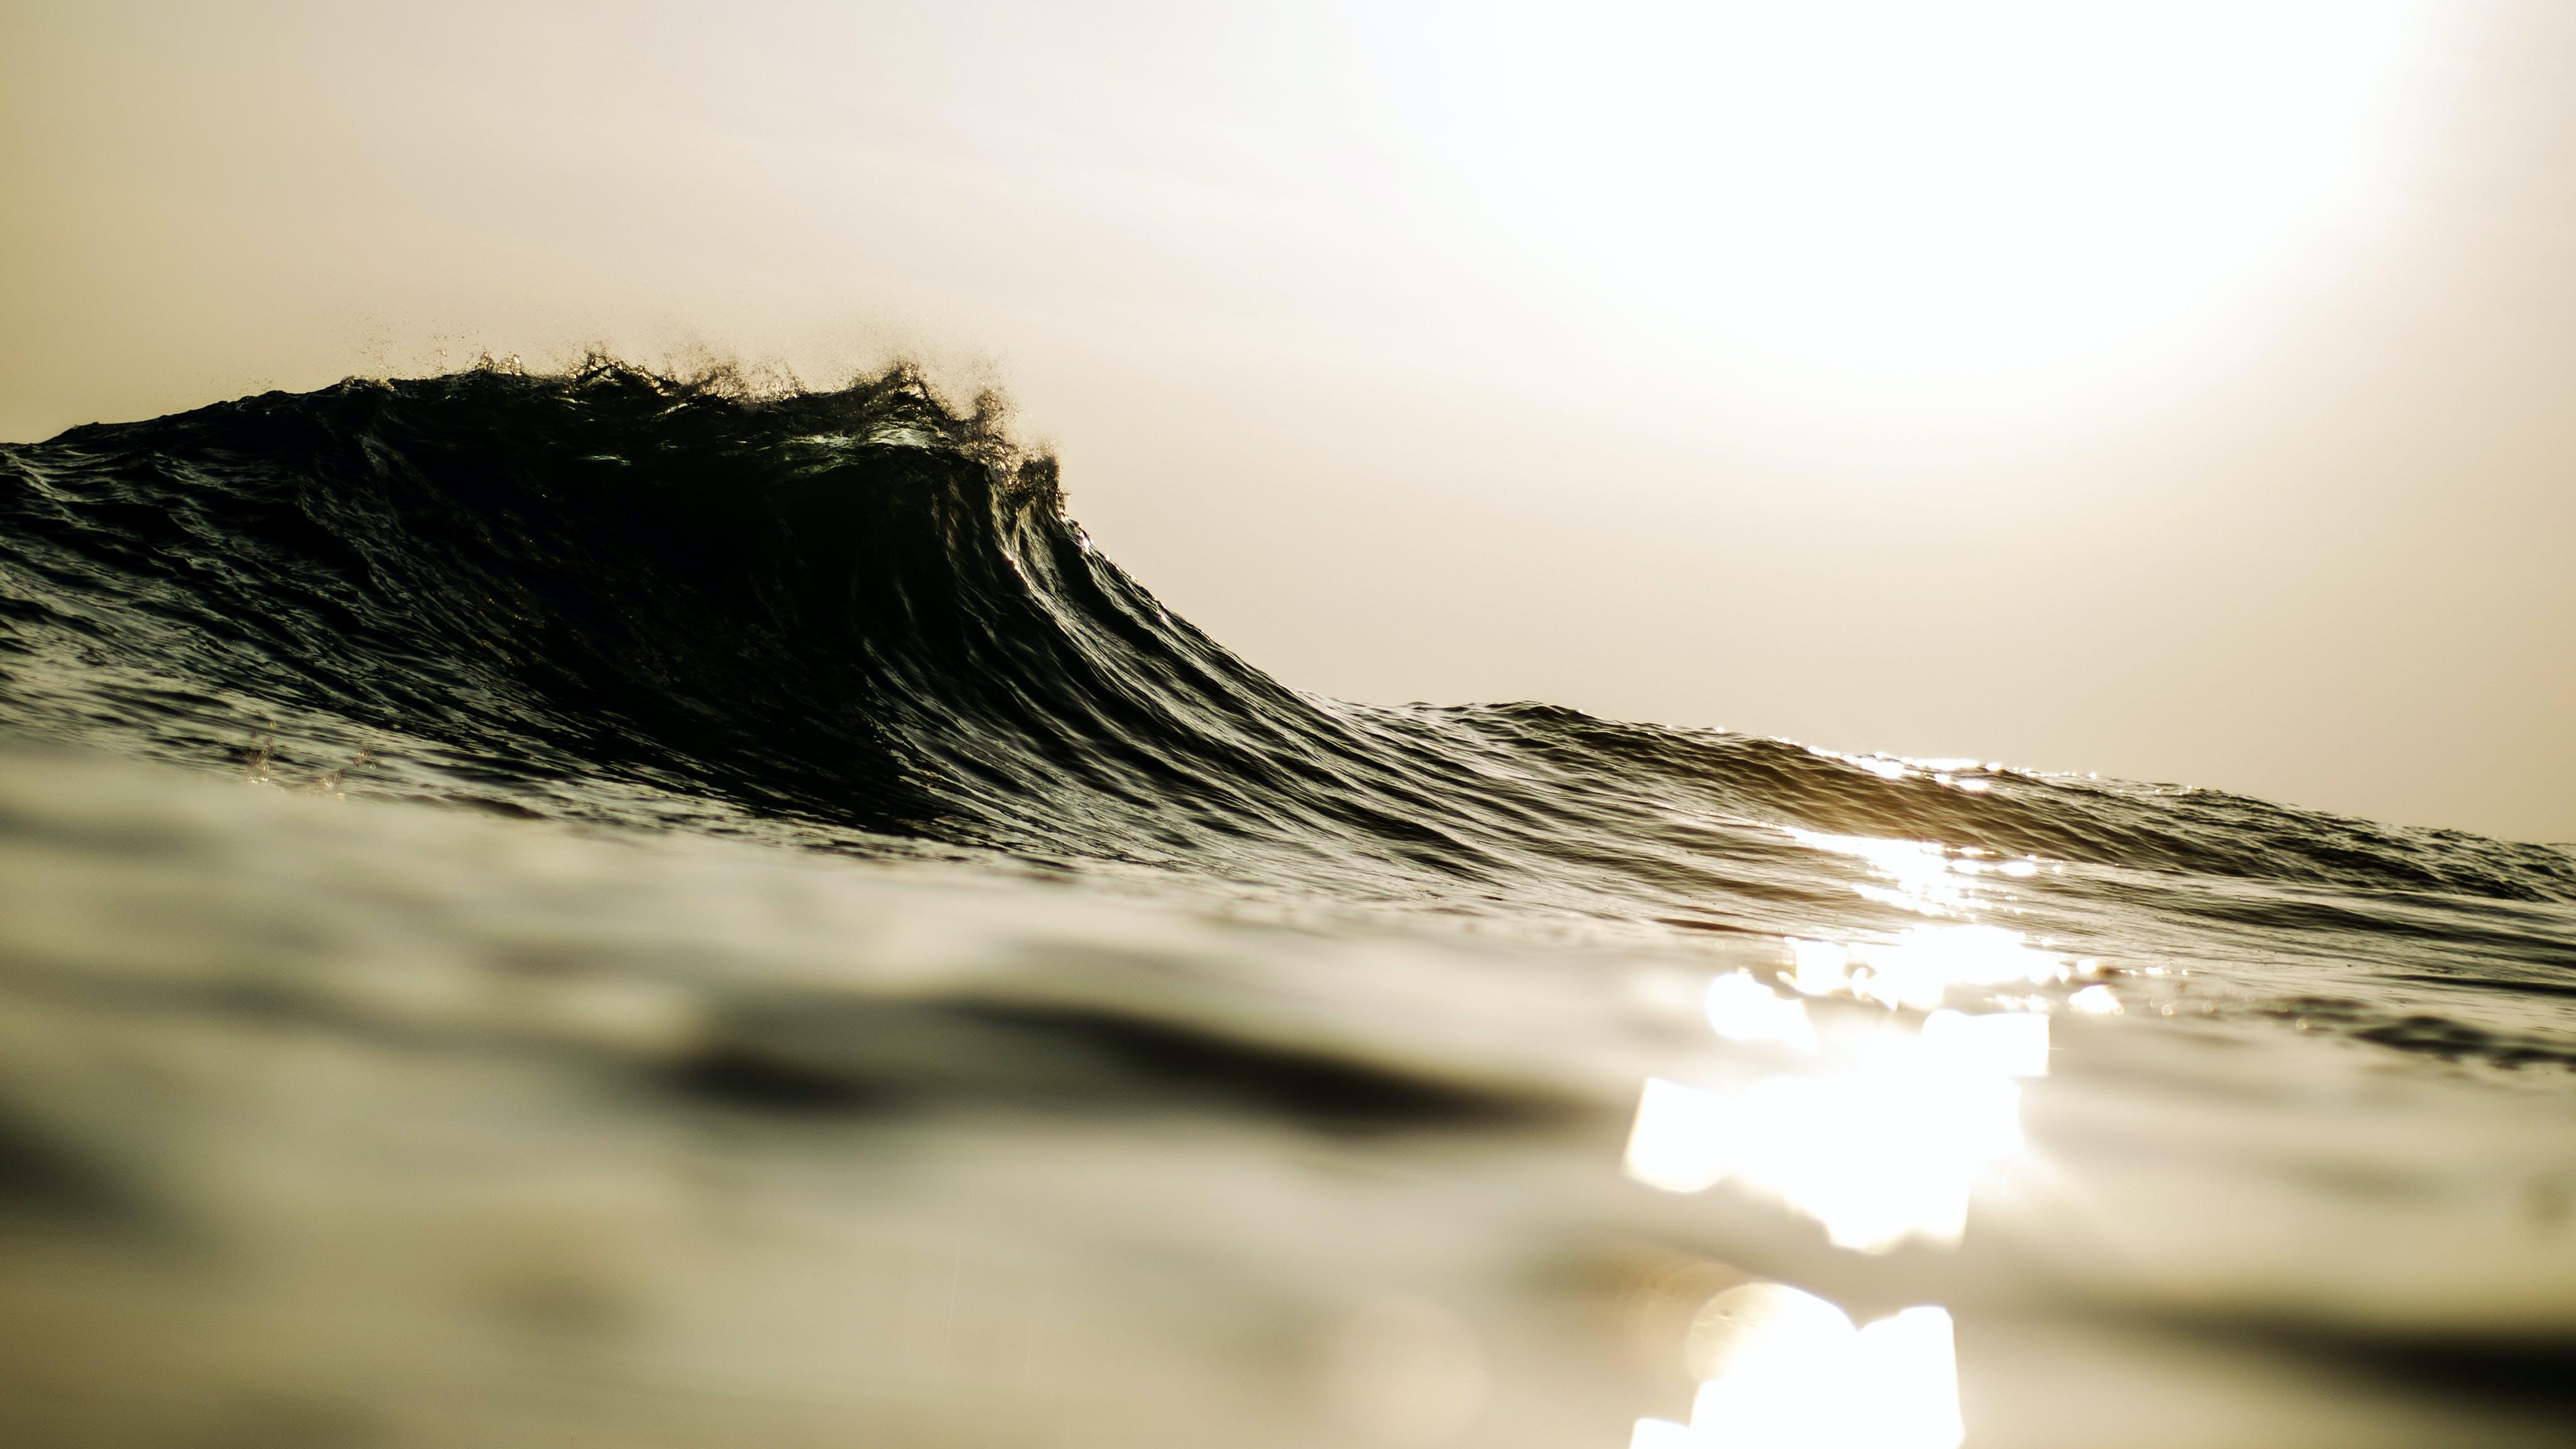 Δωρεάν στοκ φωτογραφιών με Surf, αντανάκλαση, απόγευμα, αποτέλεσμα